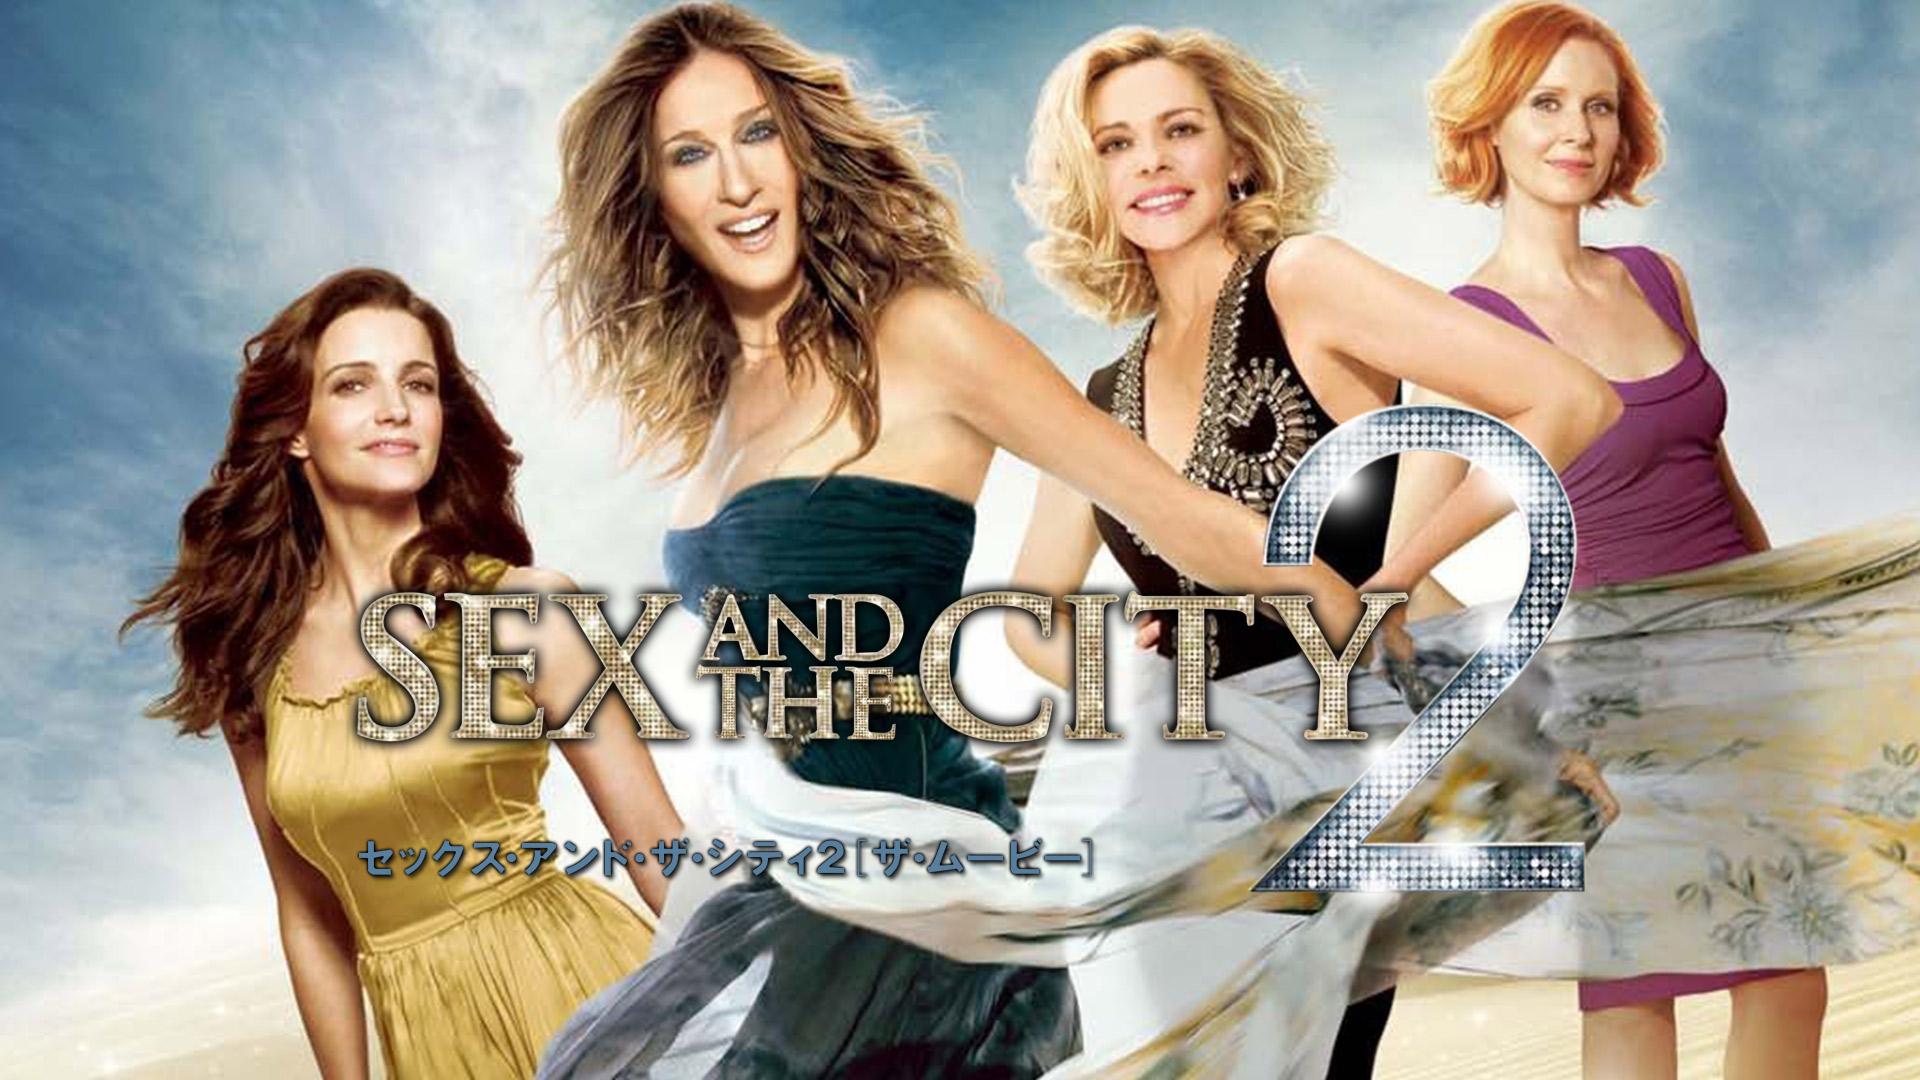 セックス・アンド・ザ・シティ 2 [ザ・ムービー](字幕版)